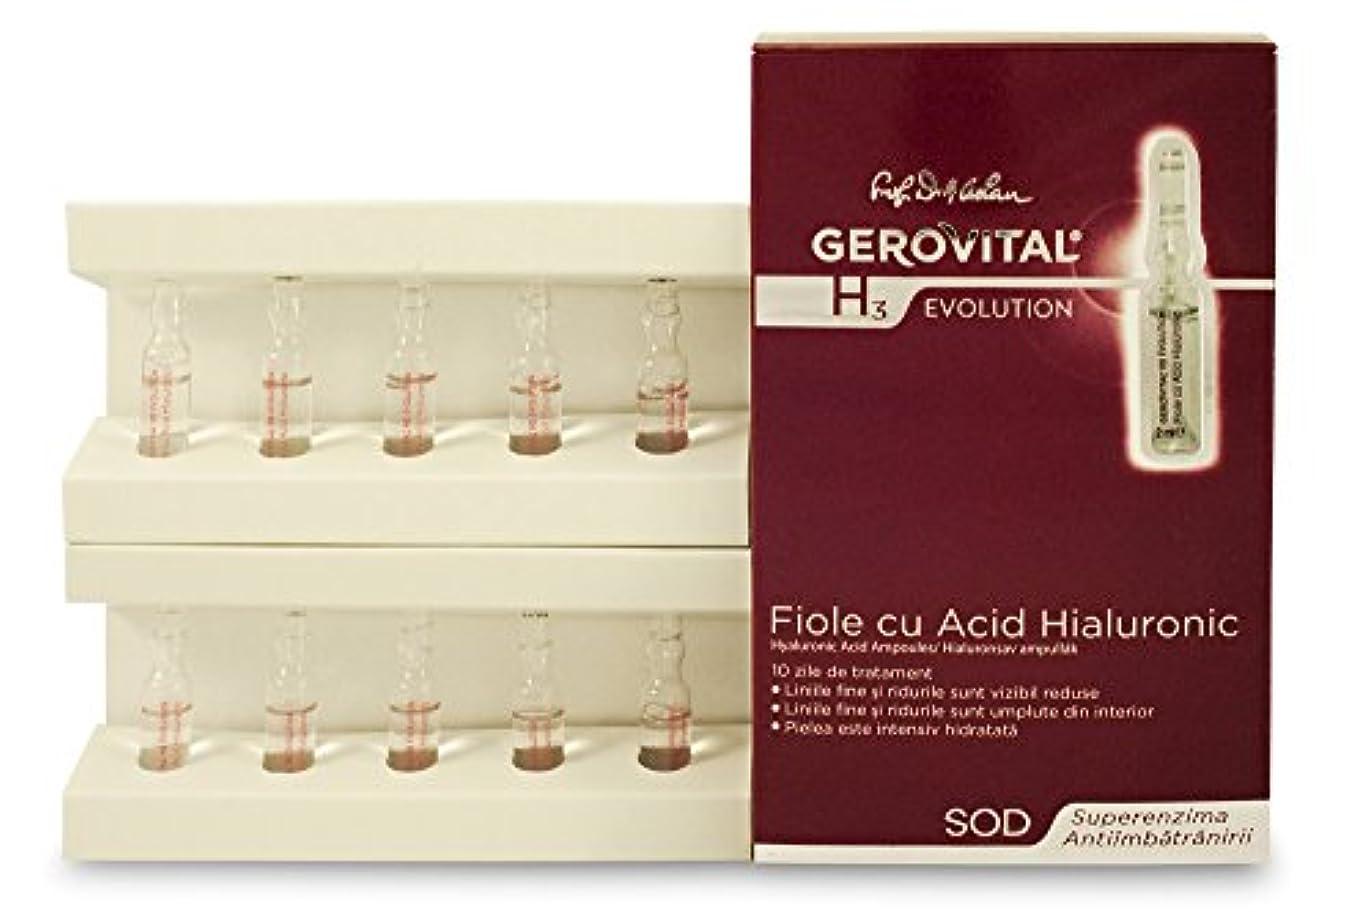 示すアスリートシュートジェロビタールH3 エボリューション ヒアルロン酸アンプル入り美容液 [海外直送] [並行輸入品]